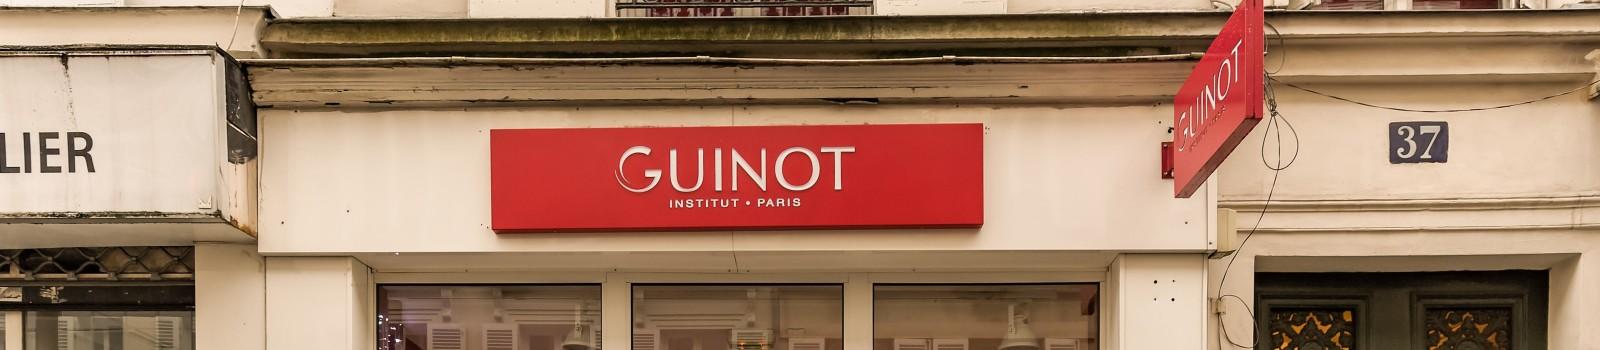 1521815061.3359institut_guinot_paris17_1339610_DSC_5194.jpg